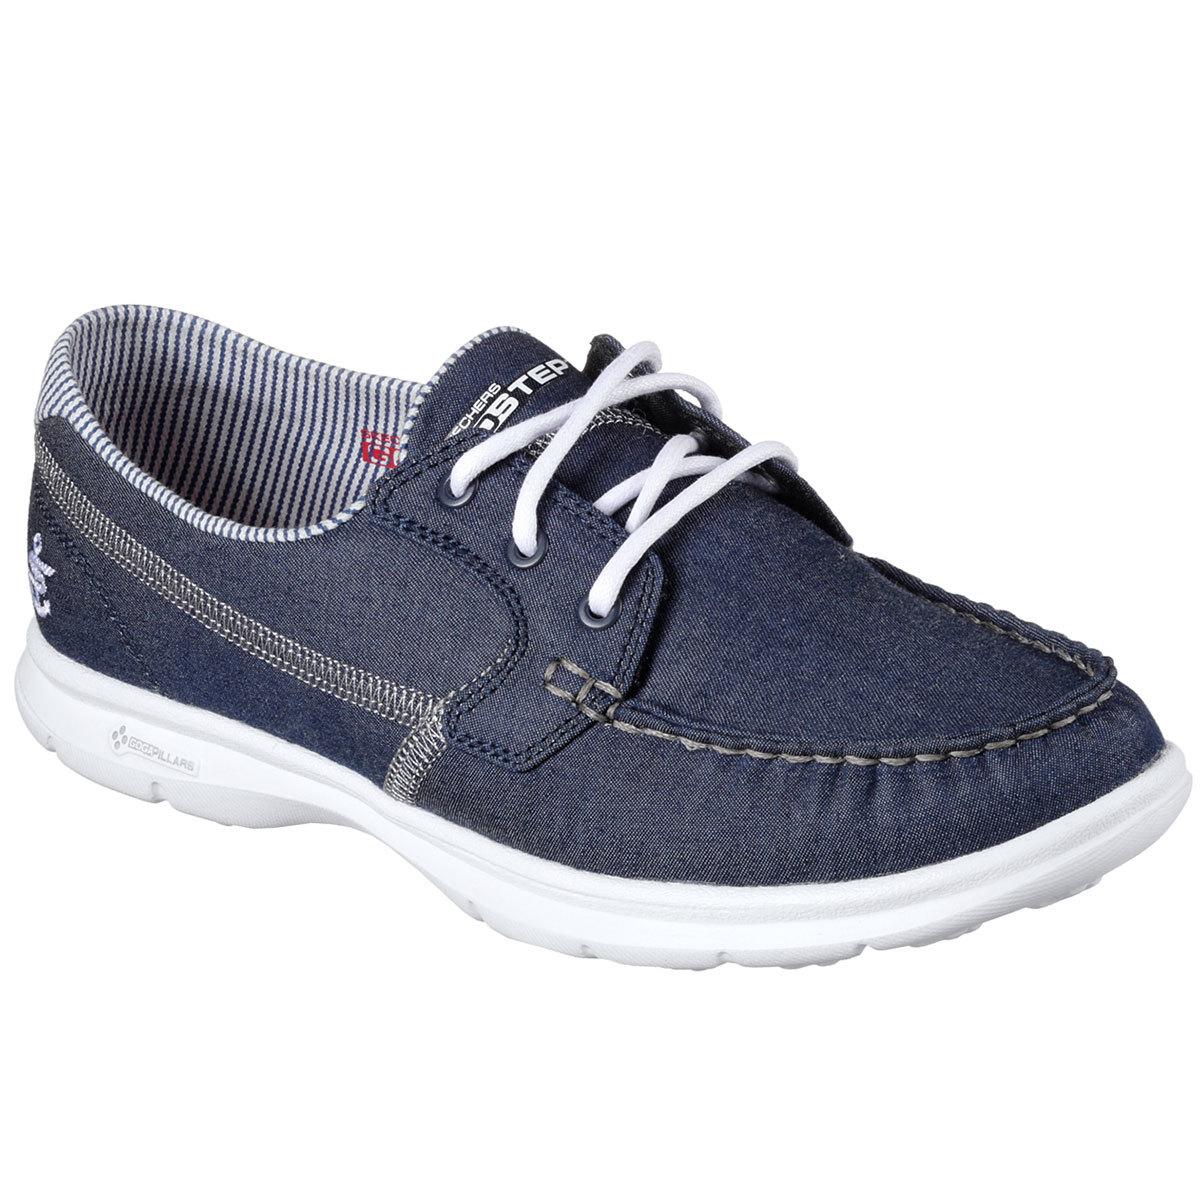 Go Step- Indigo Boat Shoes, Denim